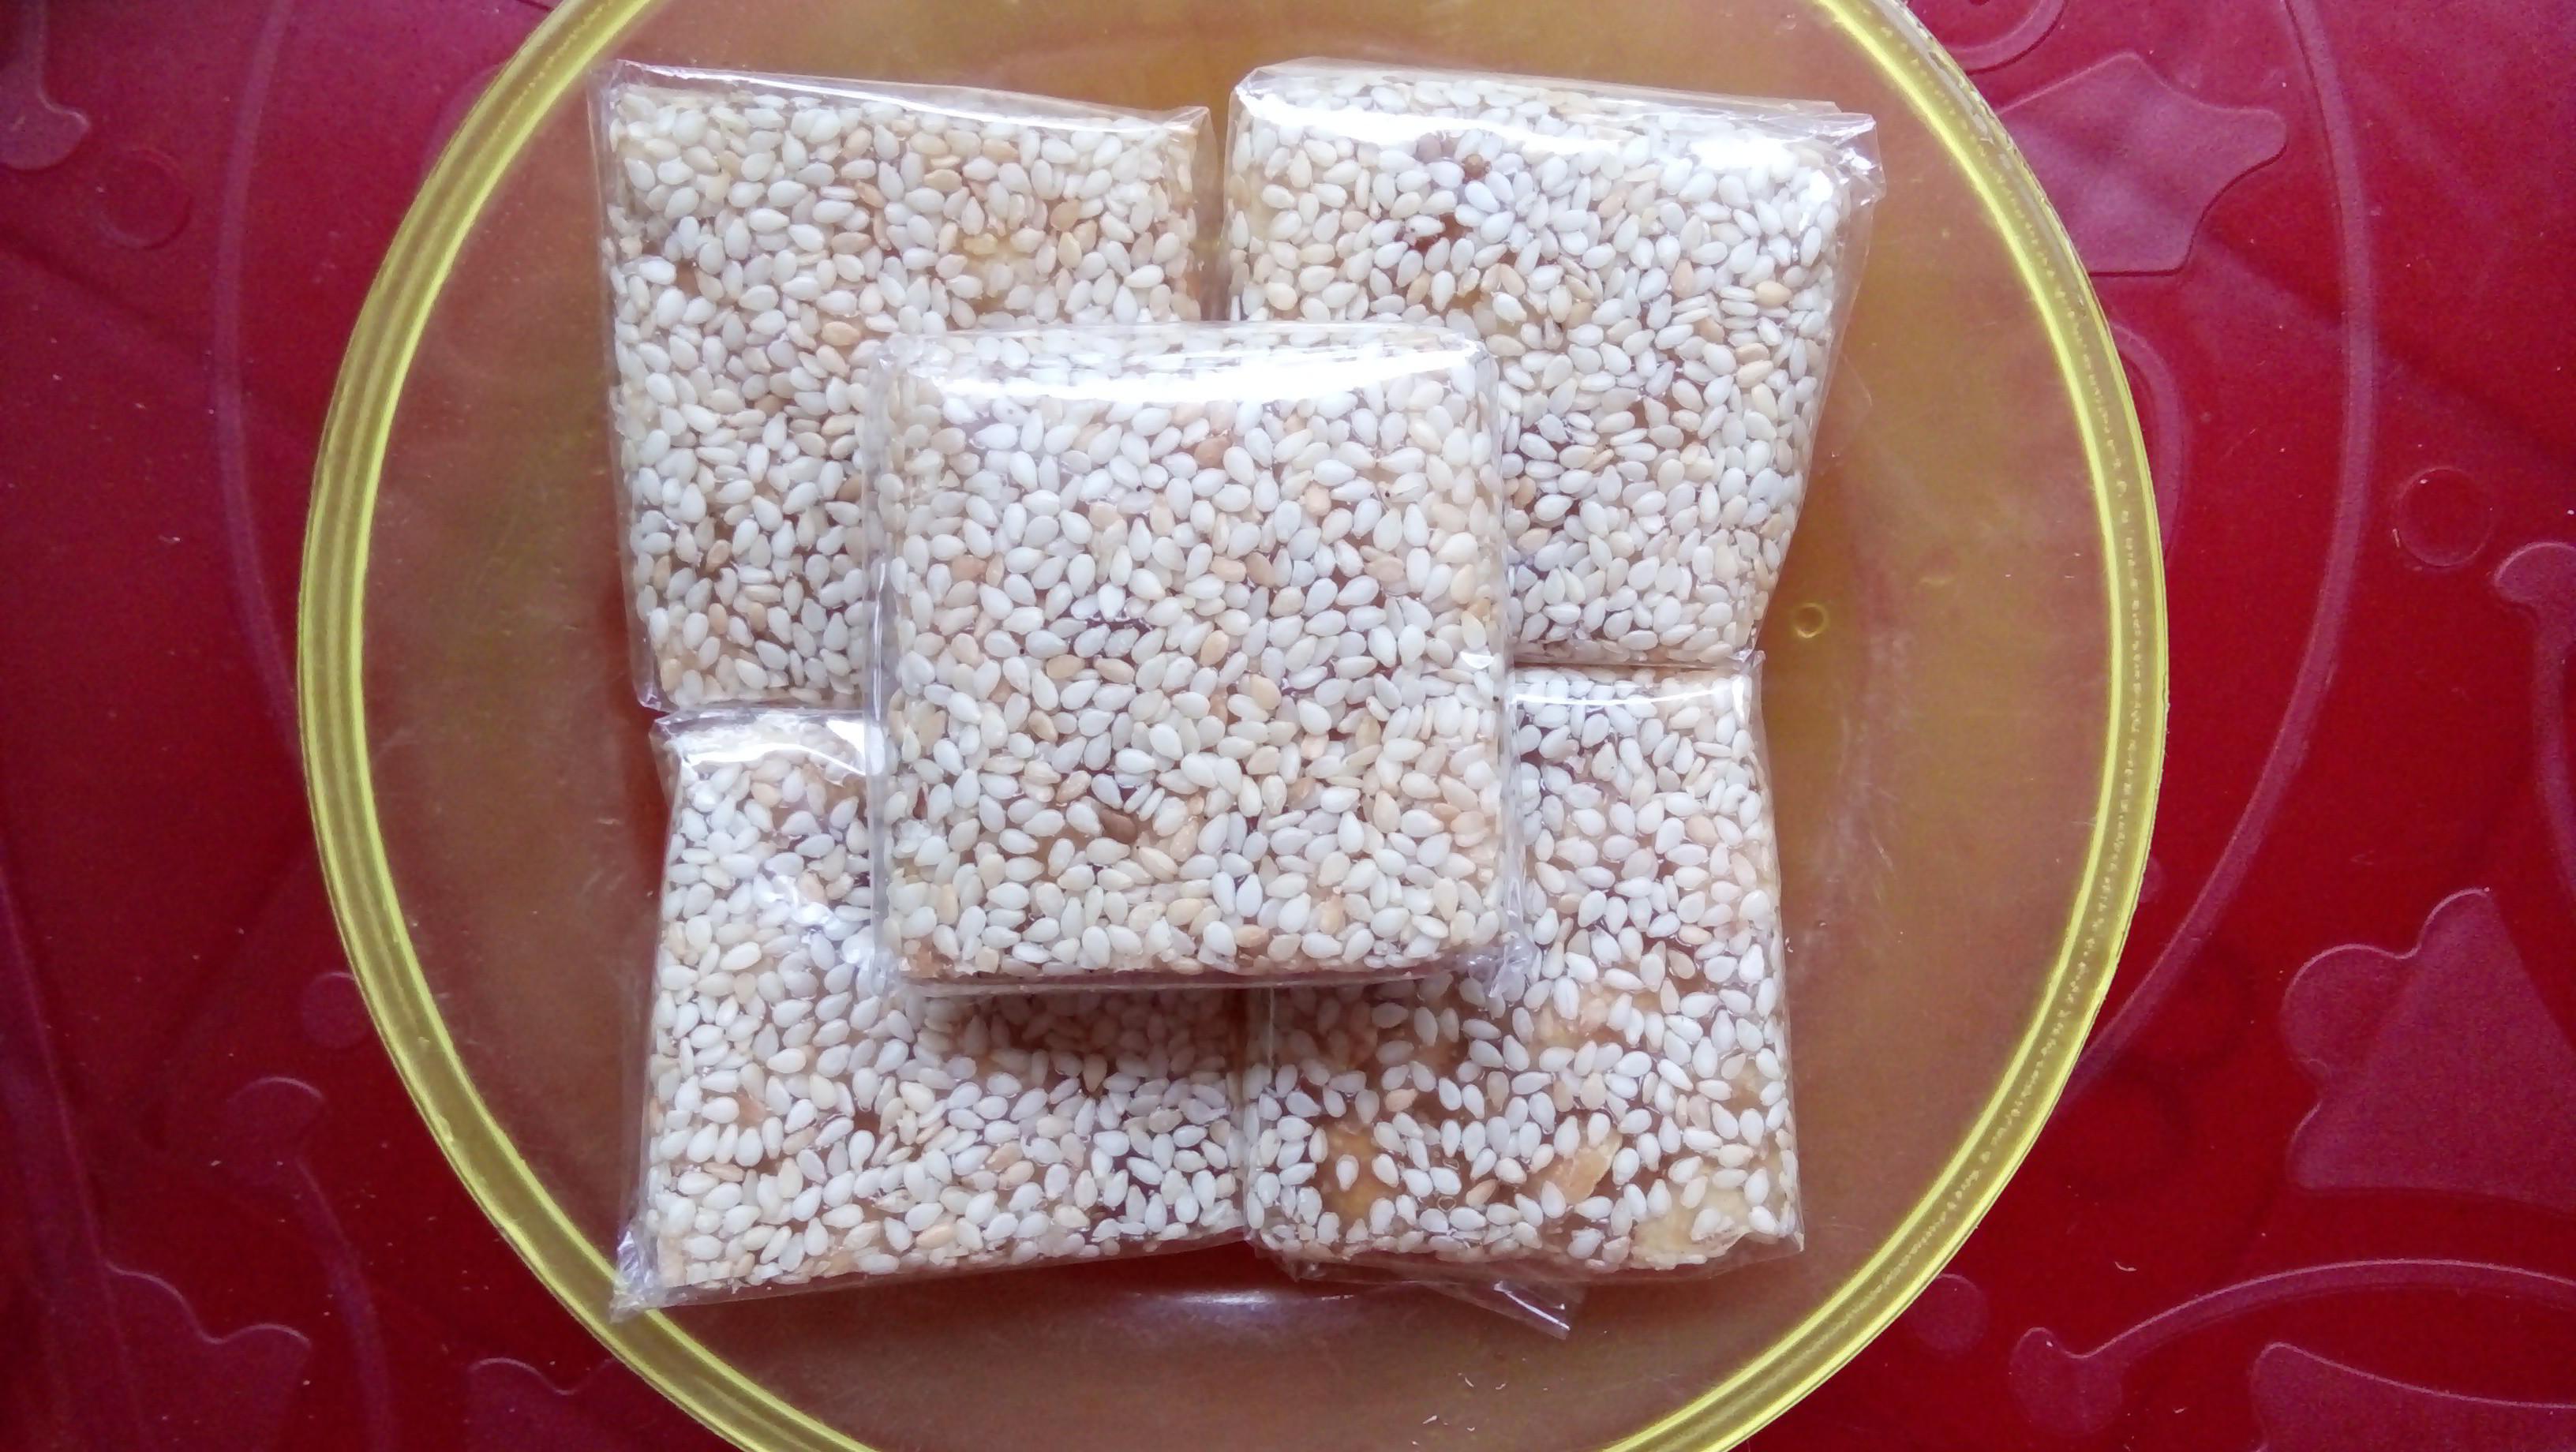 Thử qua món mè xửng đặc sản của miền Trung trong mâm bánh kẹo ngày Tết